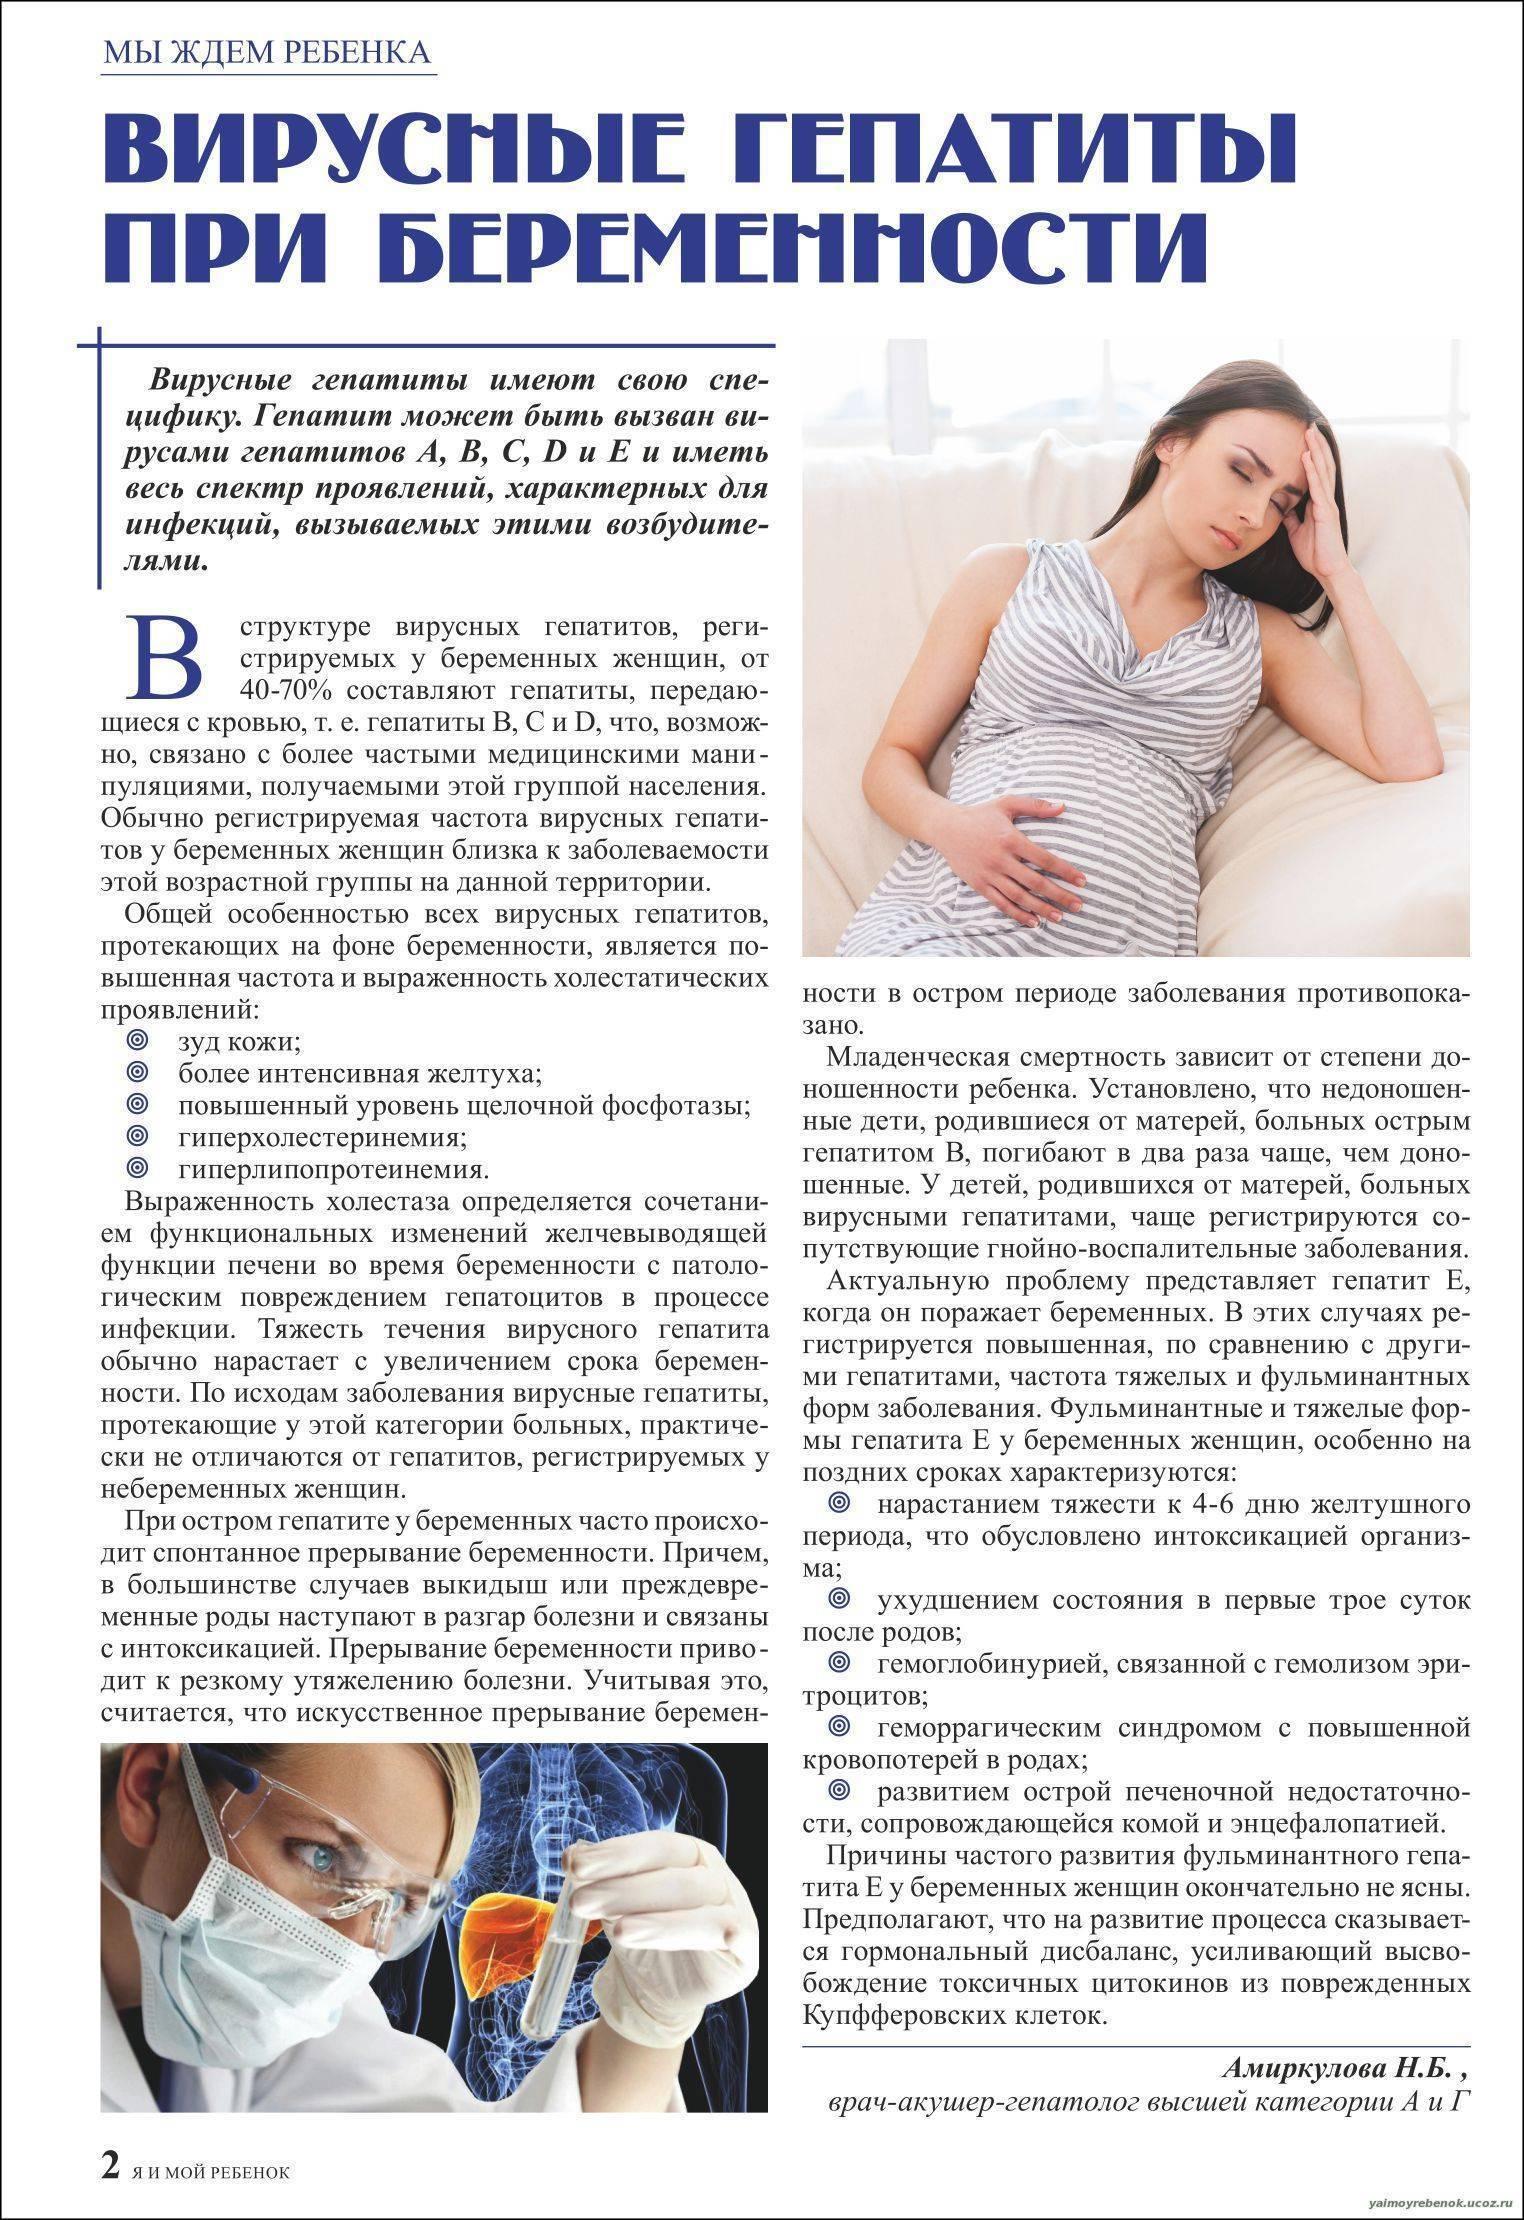 Гепатит при беременности